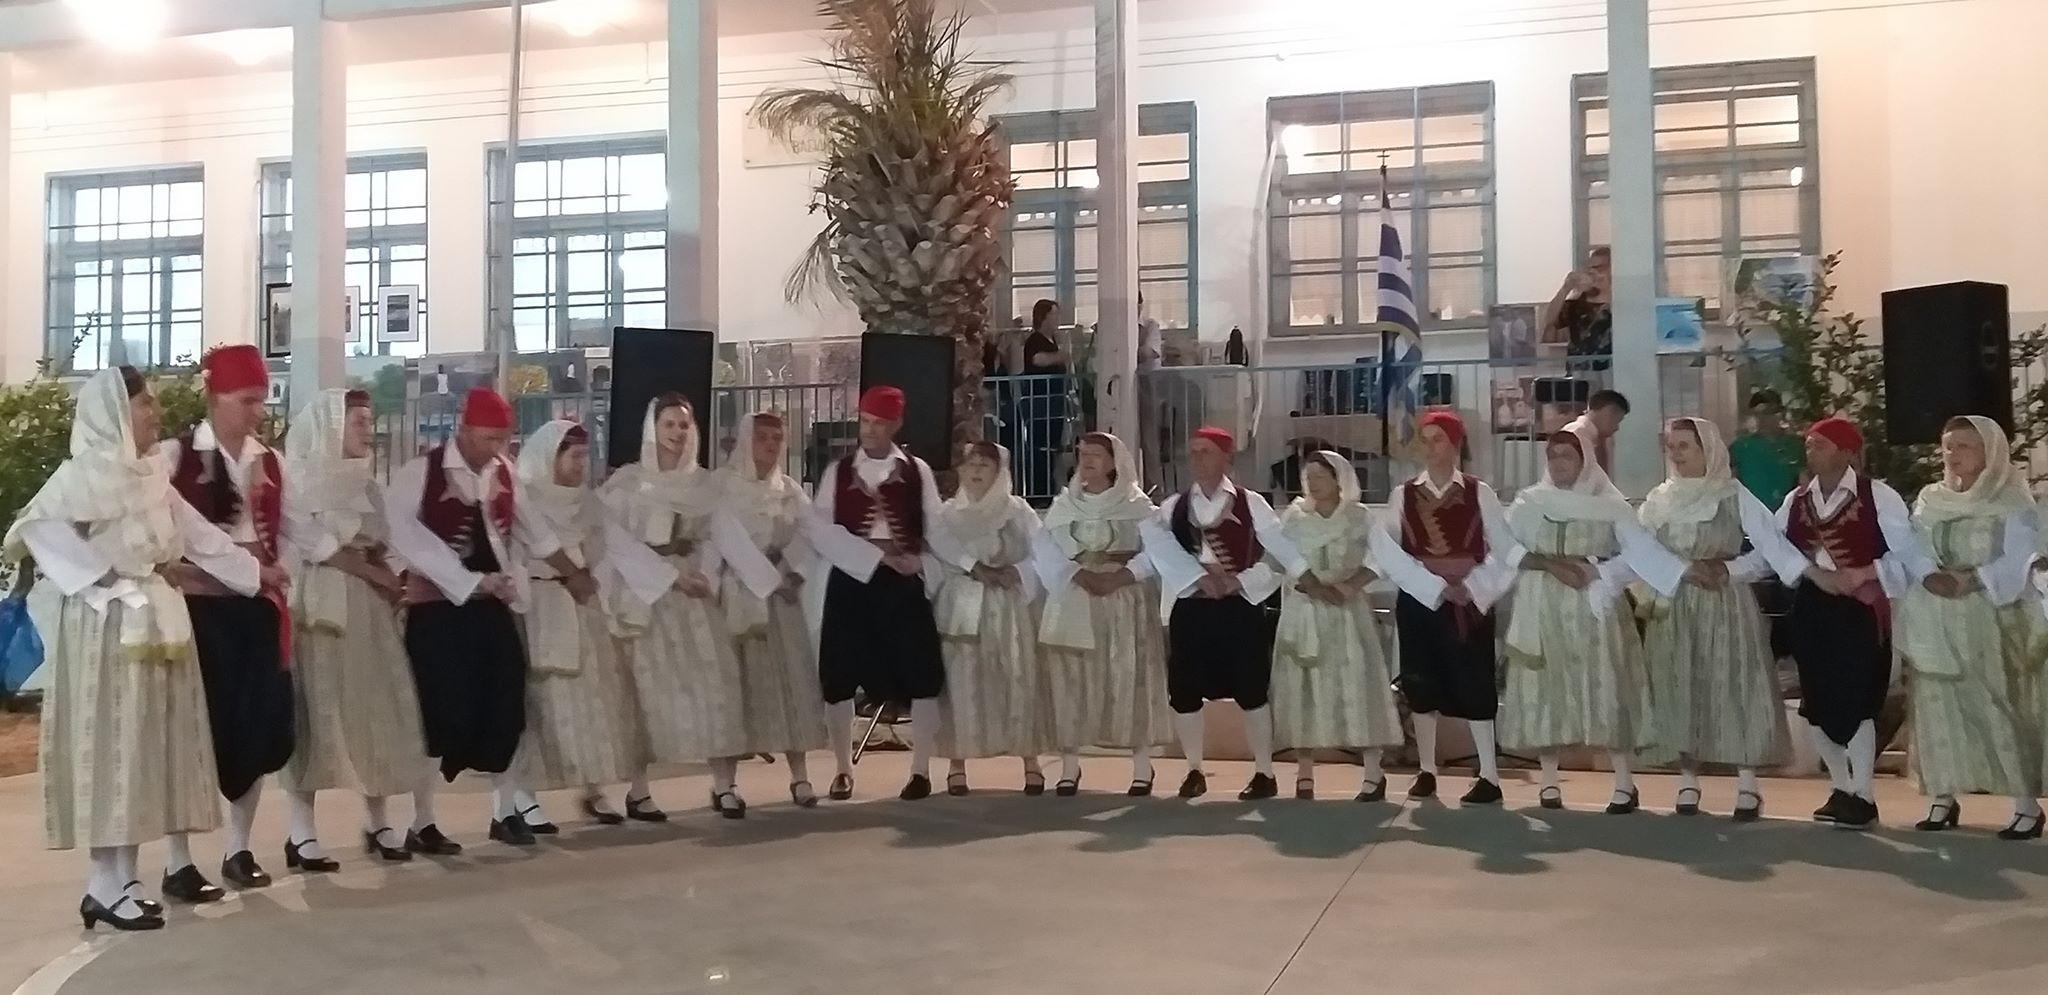 Με επιτυχία ολοκληρώθηκαν οι εκδηλώσεις του Πολιτιστικού Συλλόγου Βασιλιτσιωτών